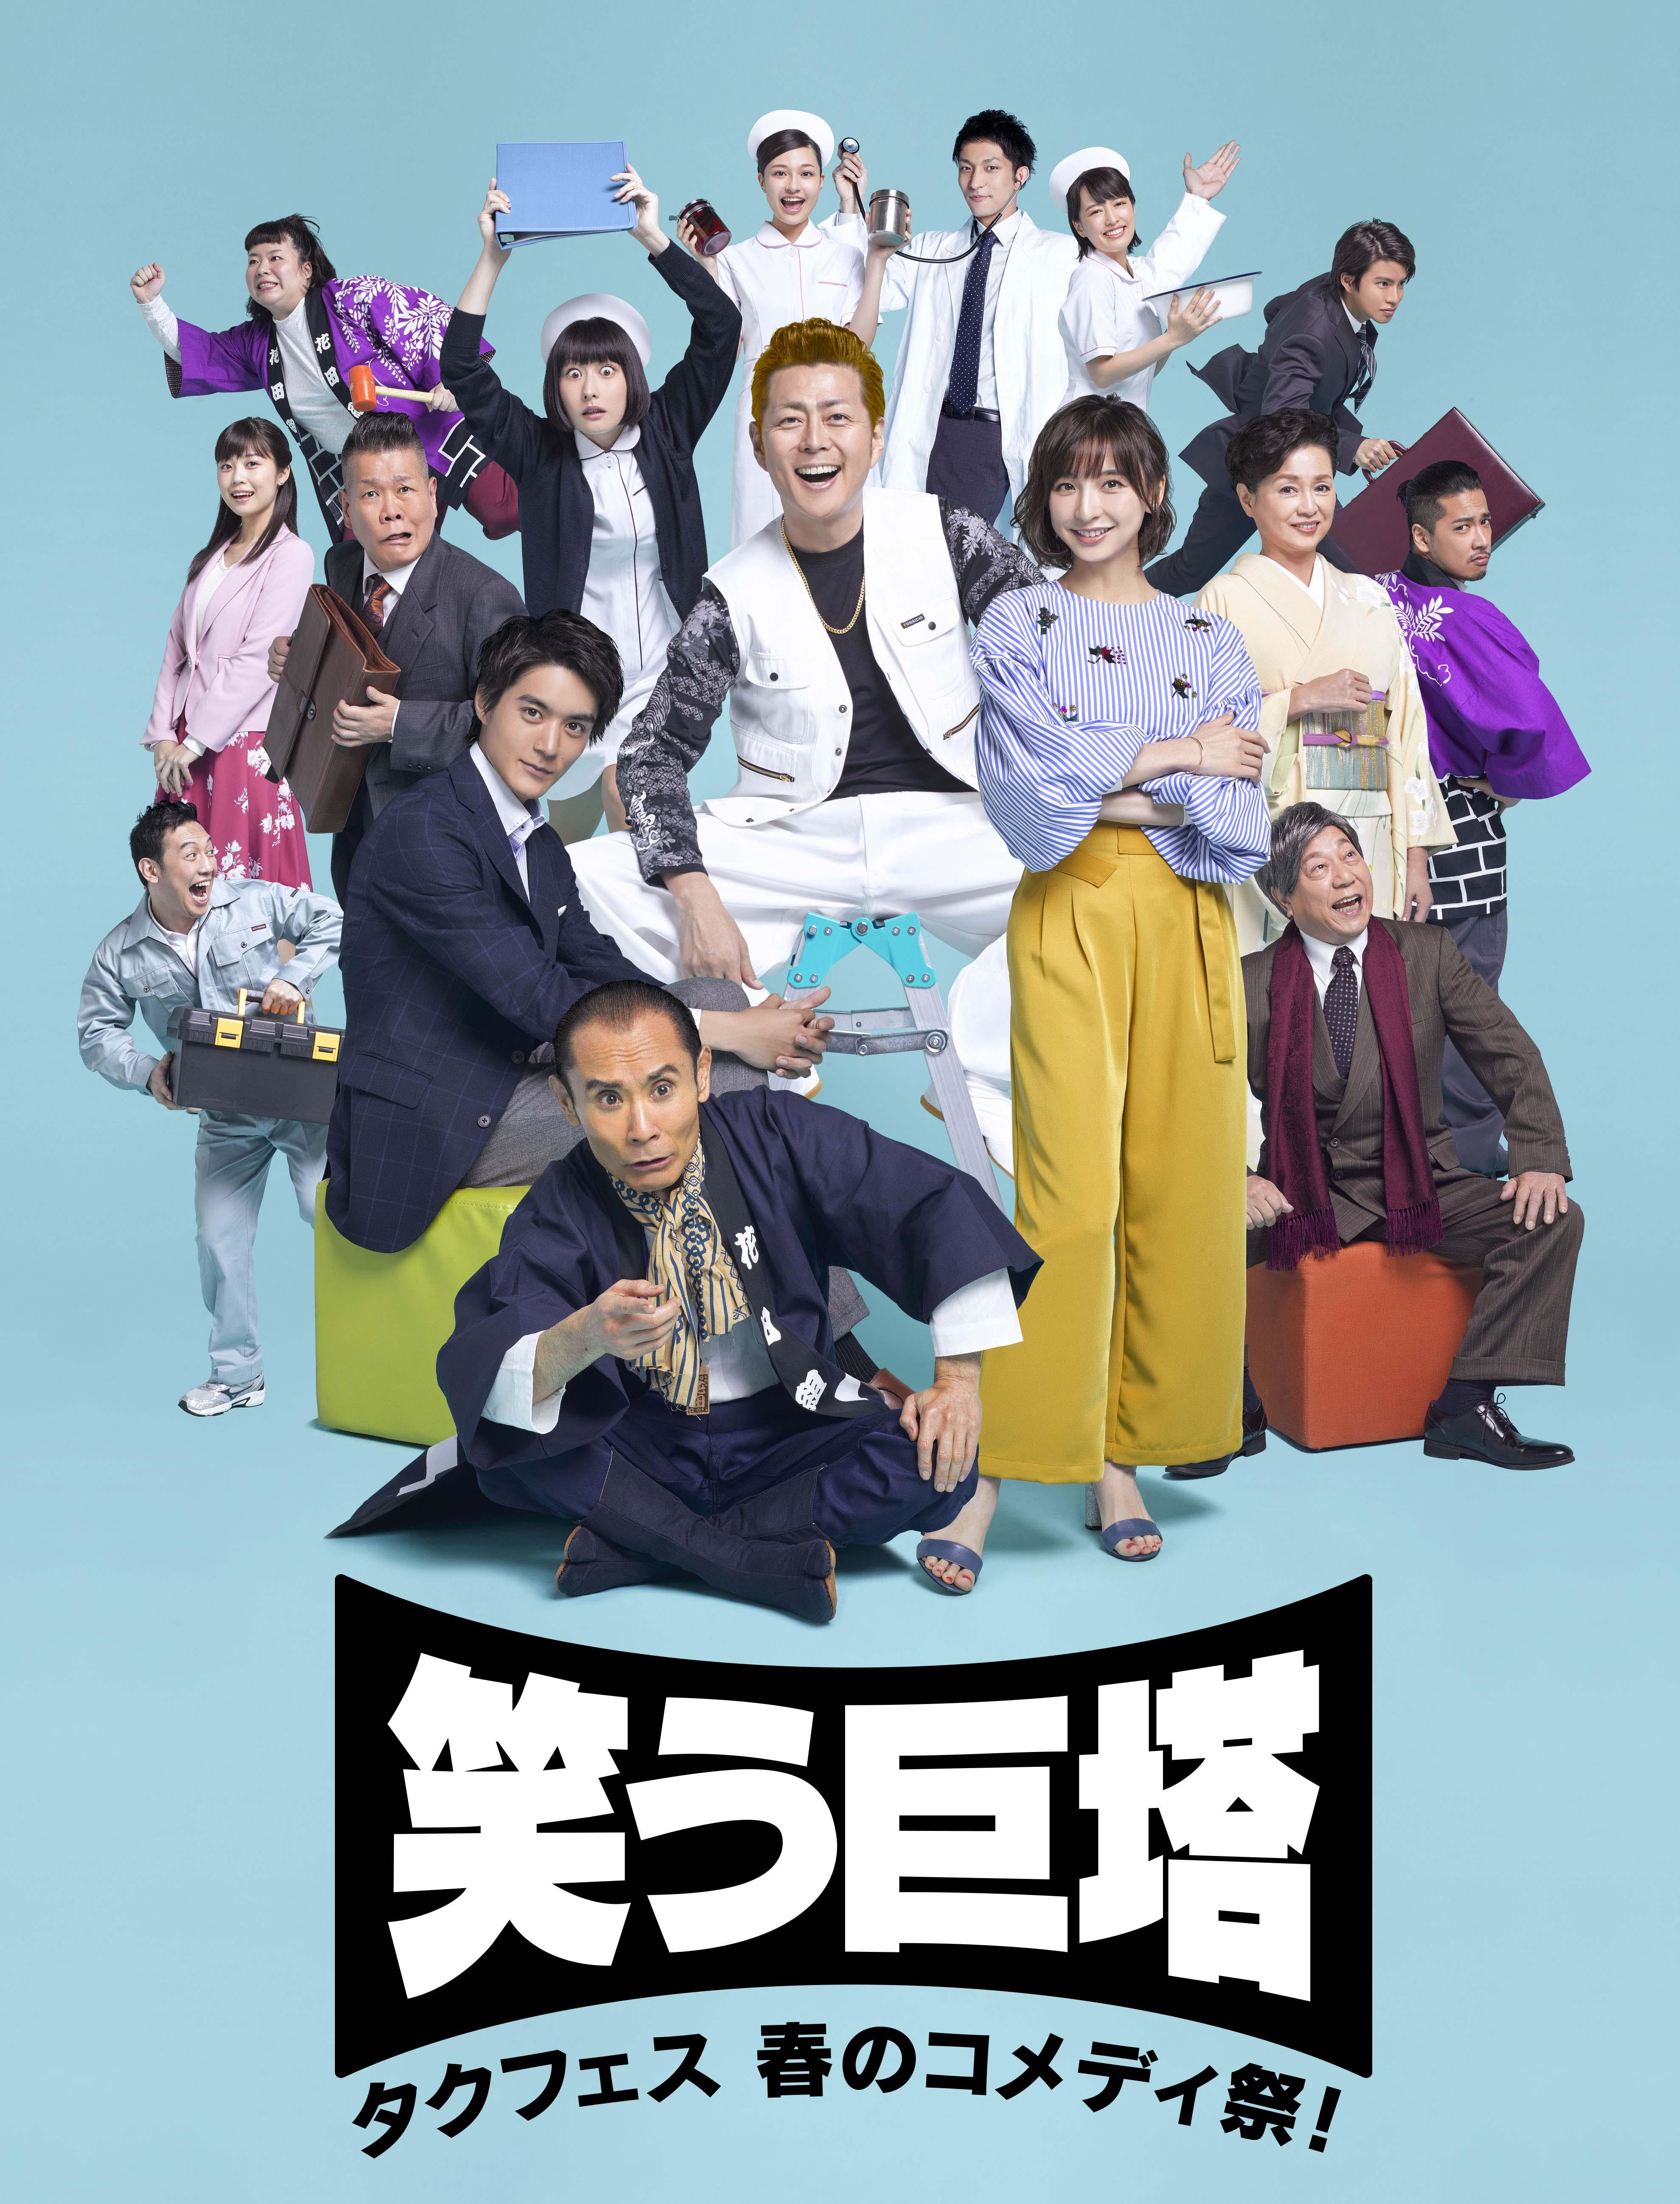 「笑う巨搭」 タクフェス 春のコメディ祭!